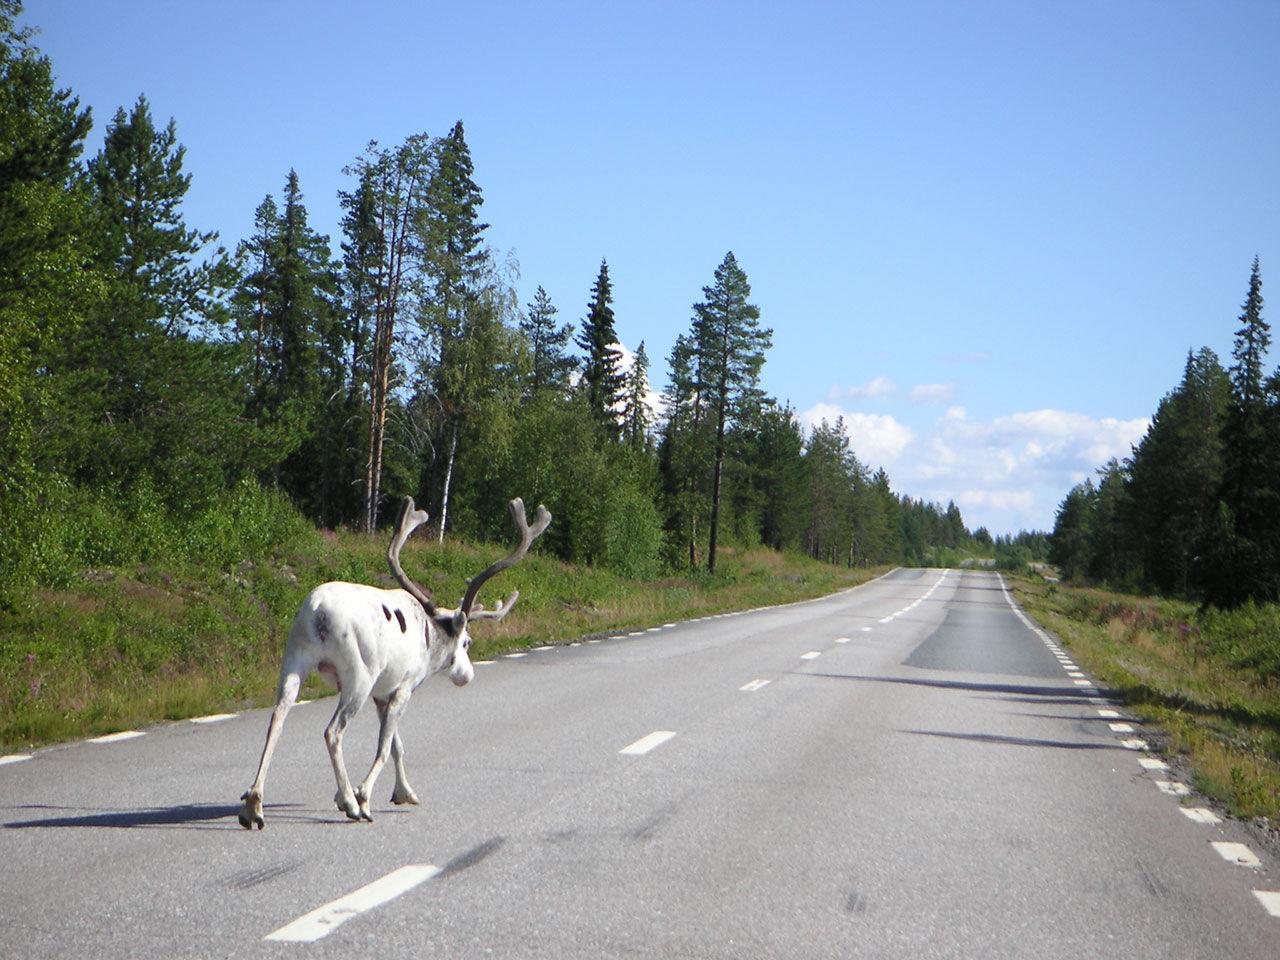 Så är skicket på vägarna i Sverige